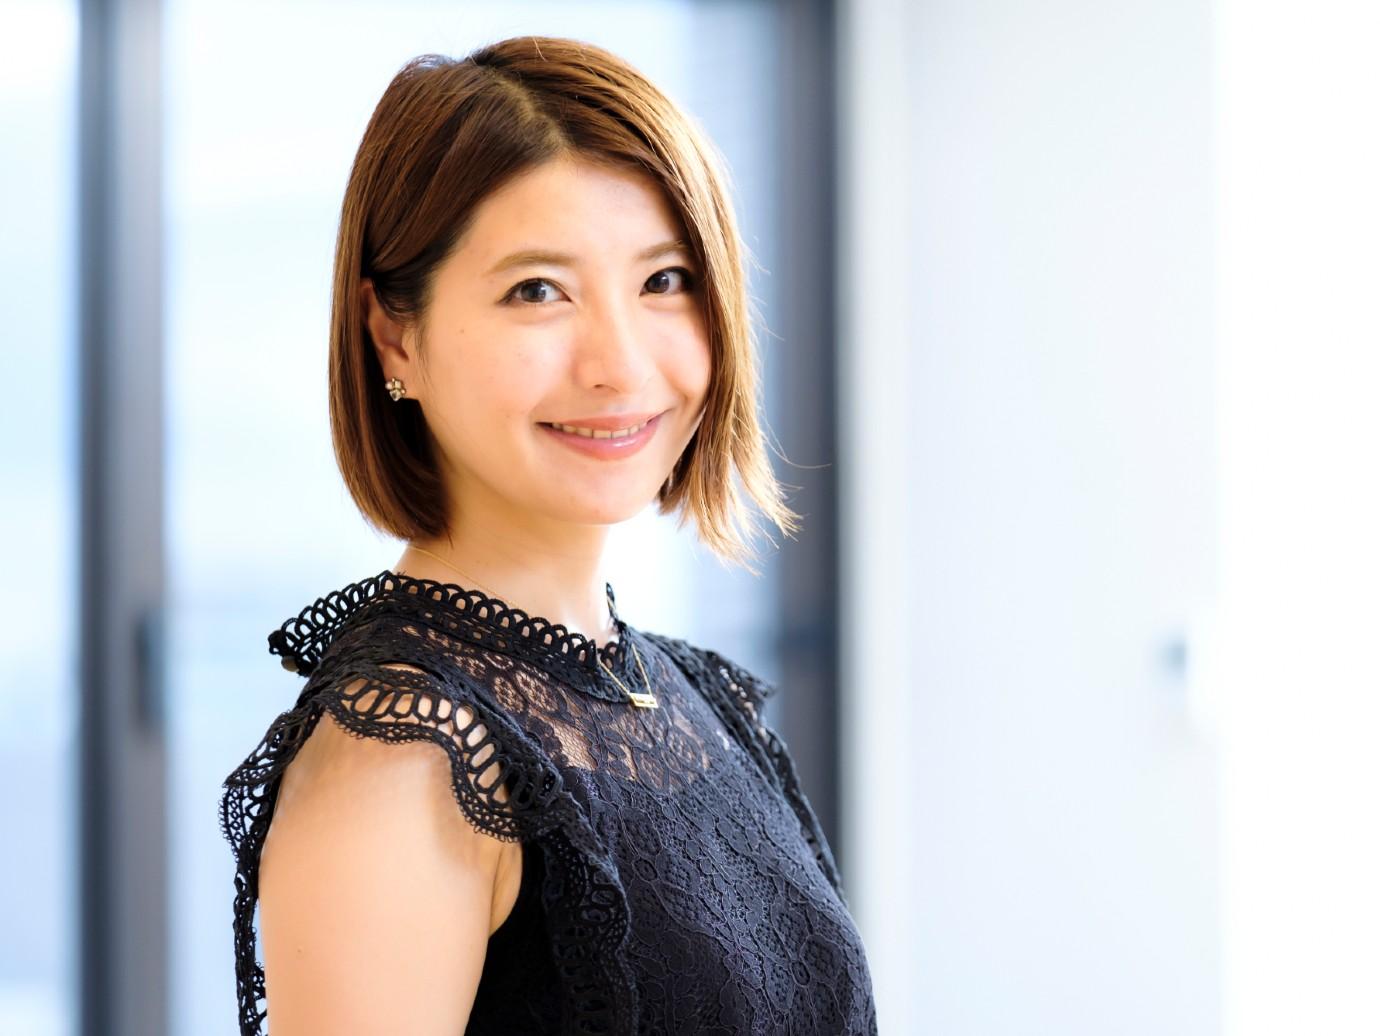 精神科医・木村好珠さんに聞く「パラキャリ女子が健康な心でいるため、大事な3つのポイント」